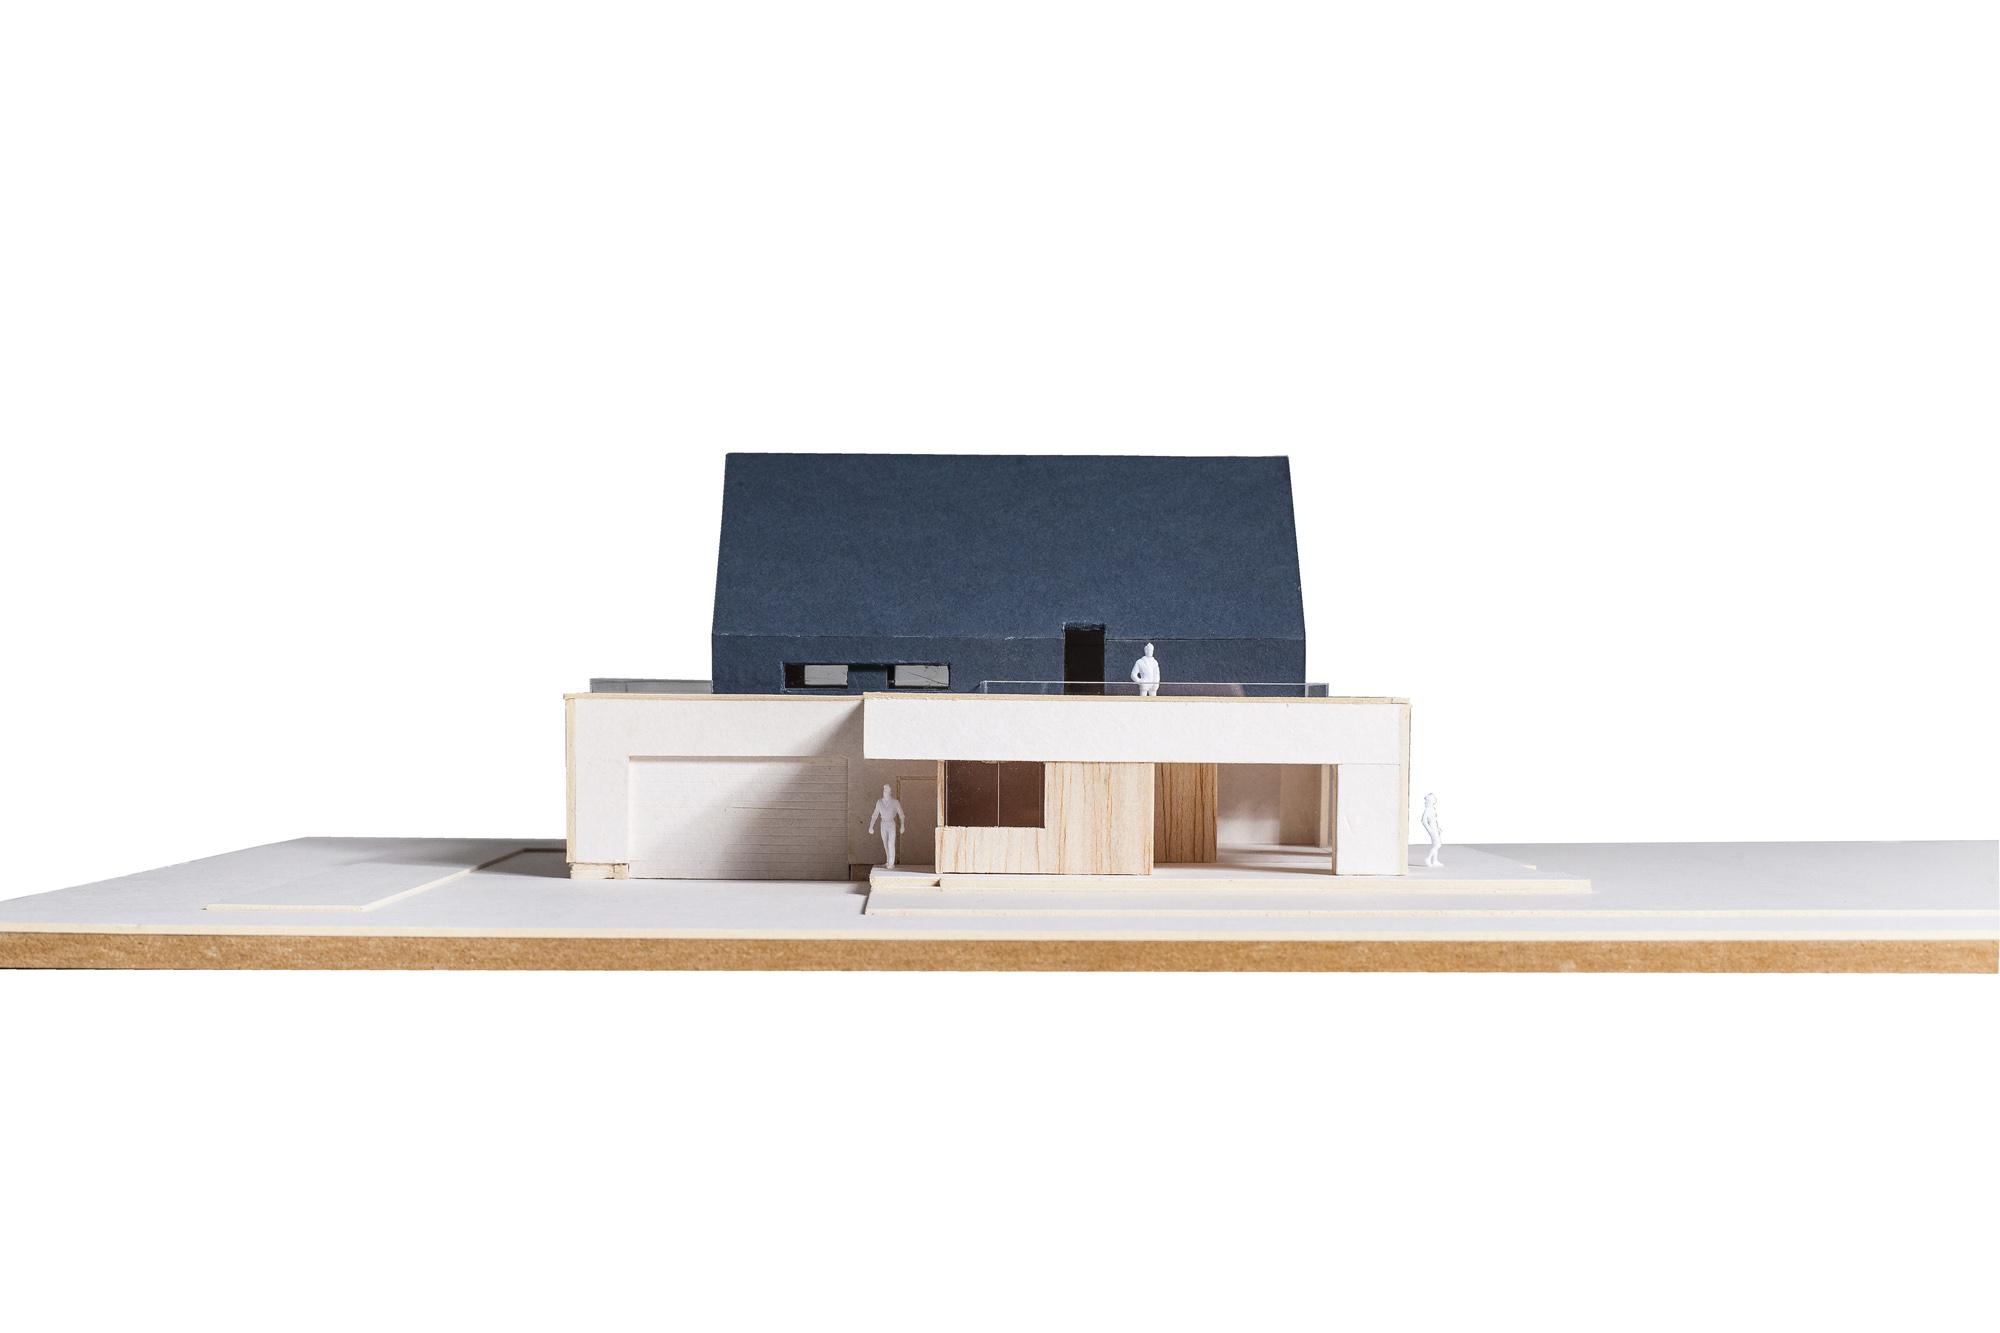 MLC-ZLO-dom-model-10w copy